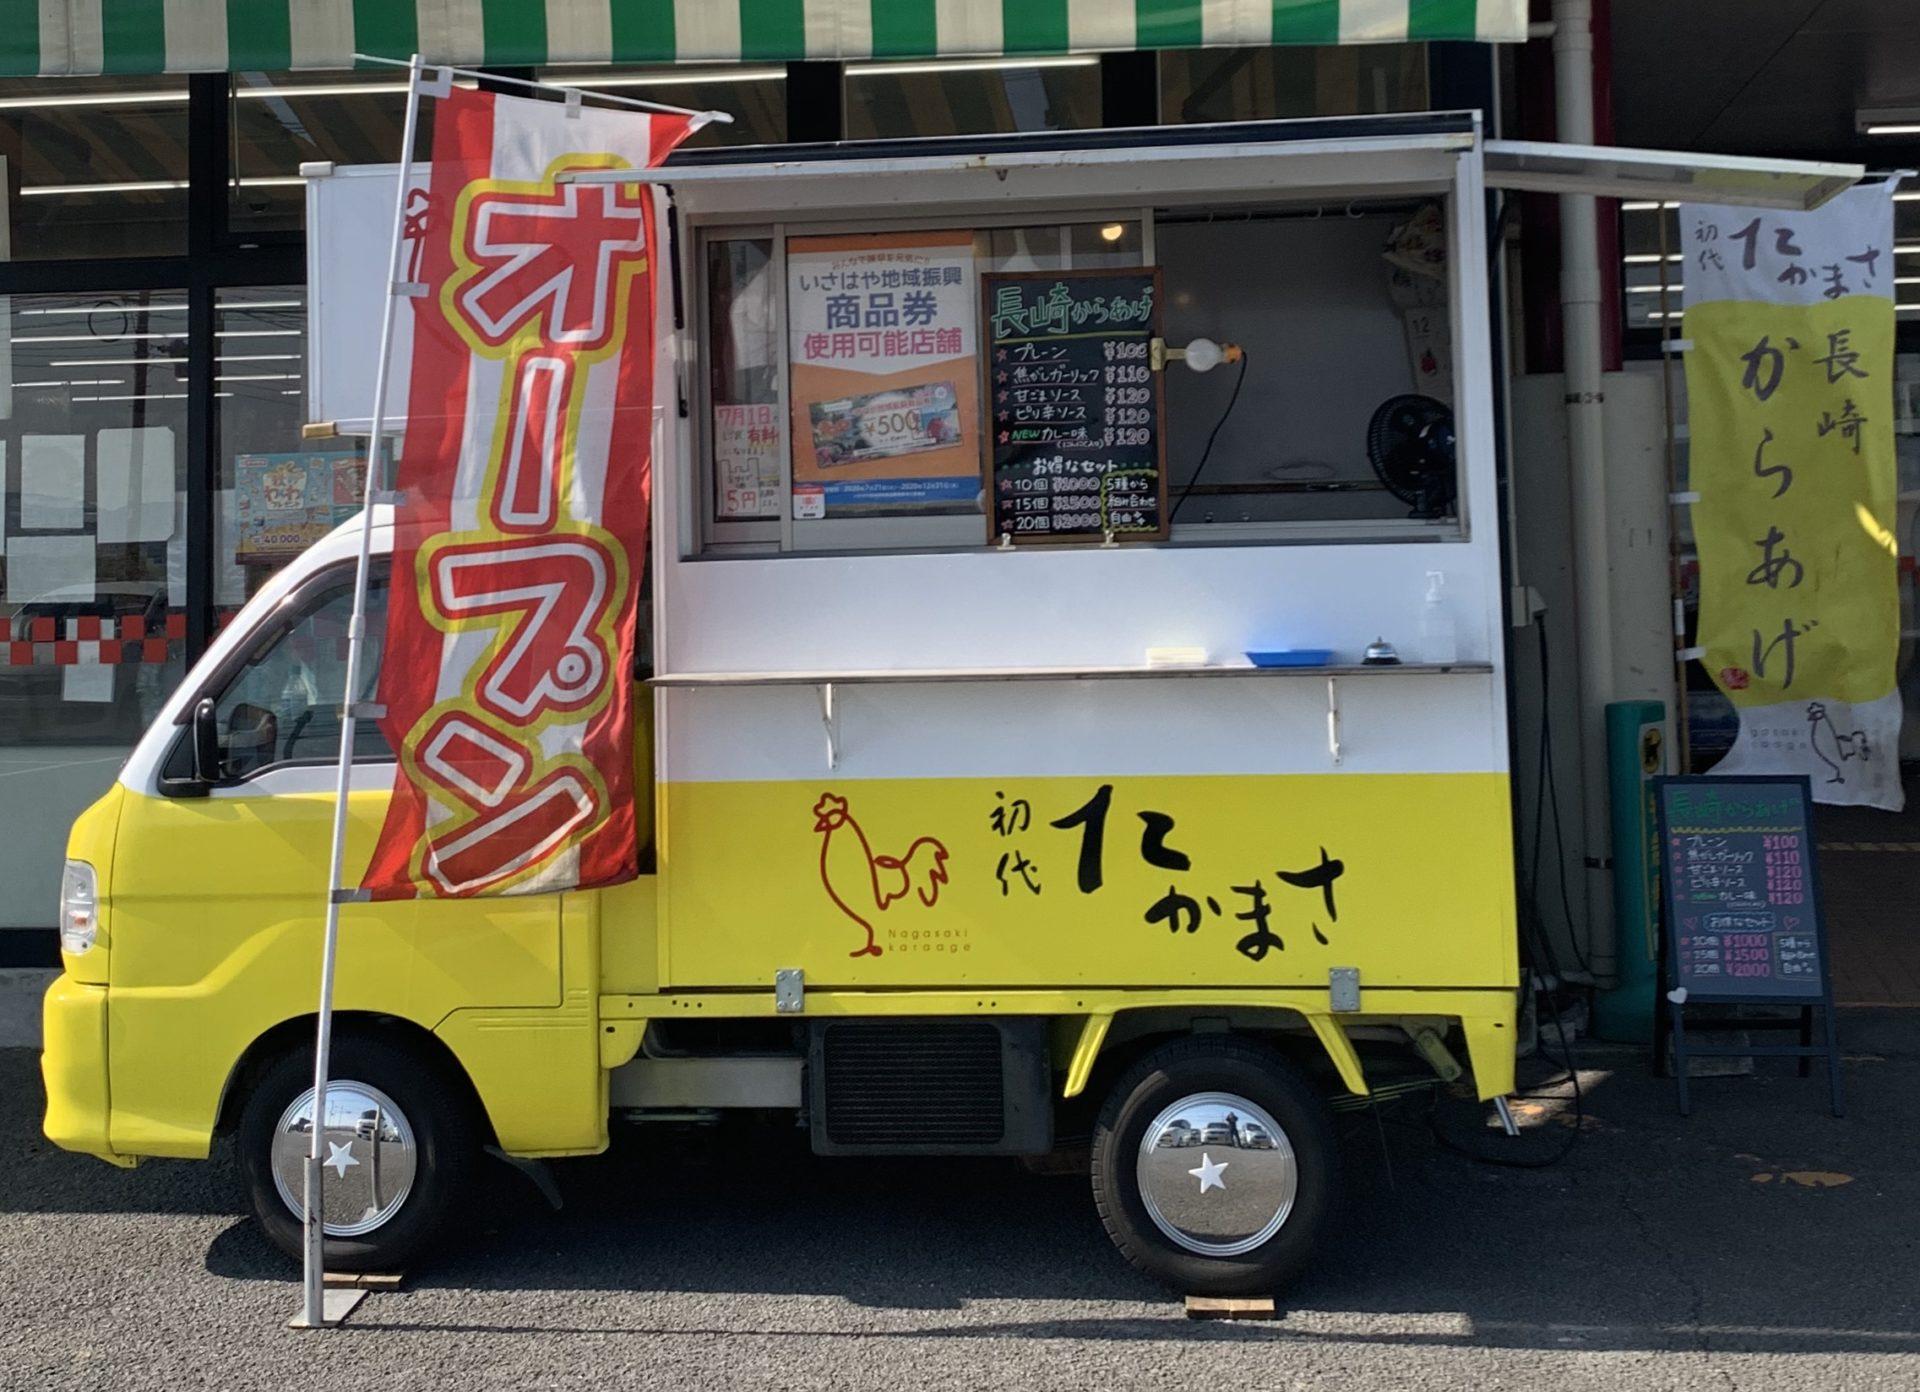 長崎からあげ初代たかまさ移動販売店